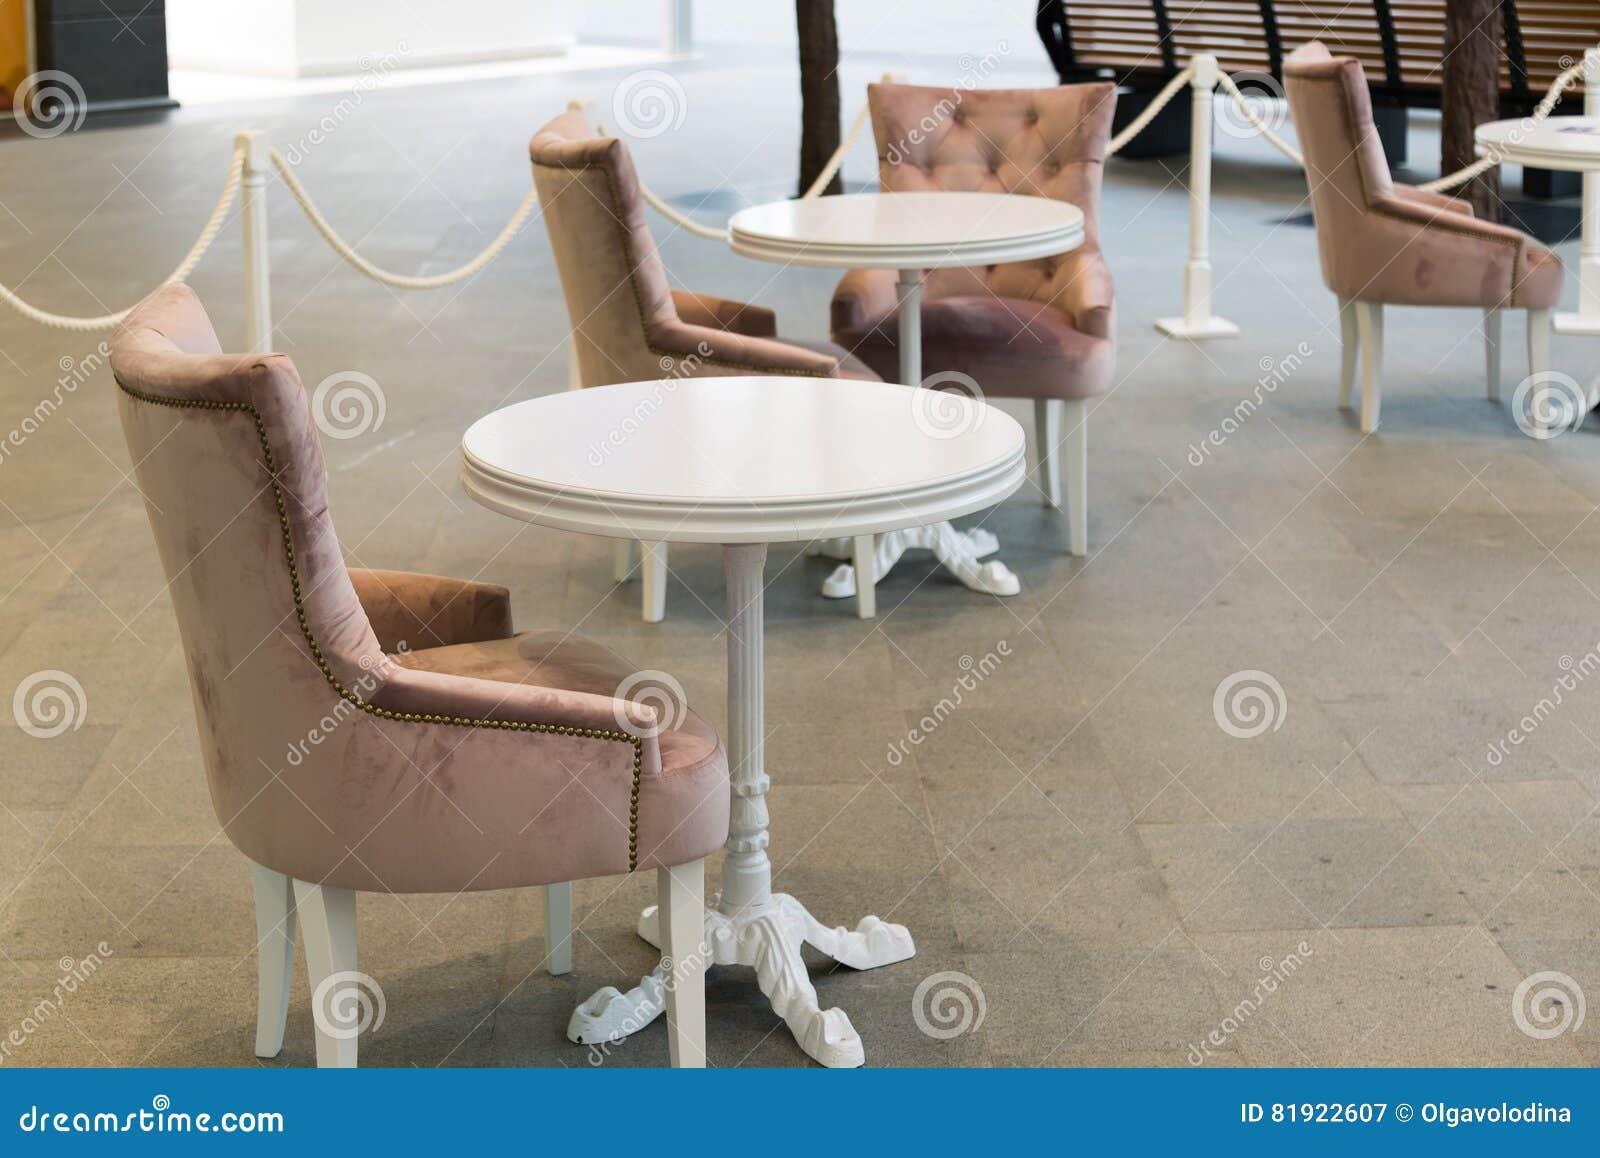 Leerer Rundtisch Und Stühle Im Café Stockbild - Bild von kaffee ...